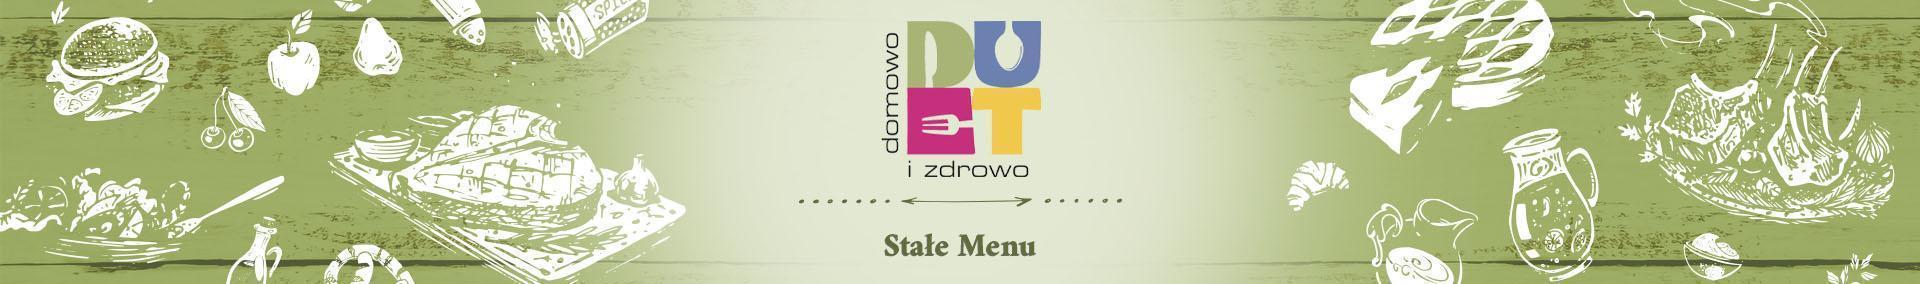 menu stałe